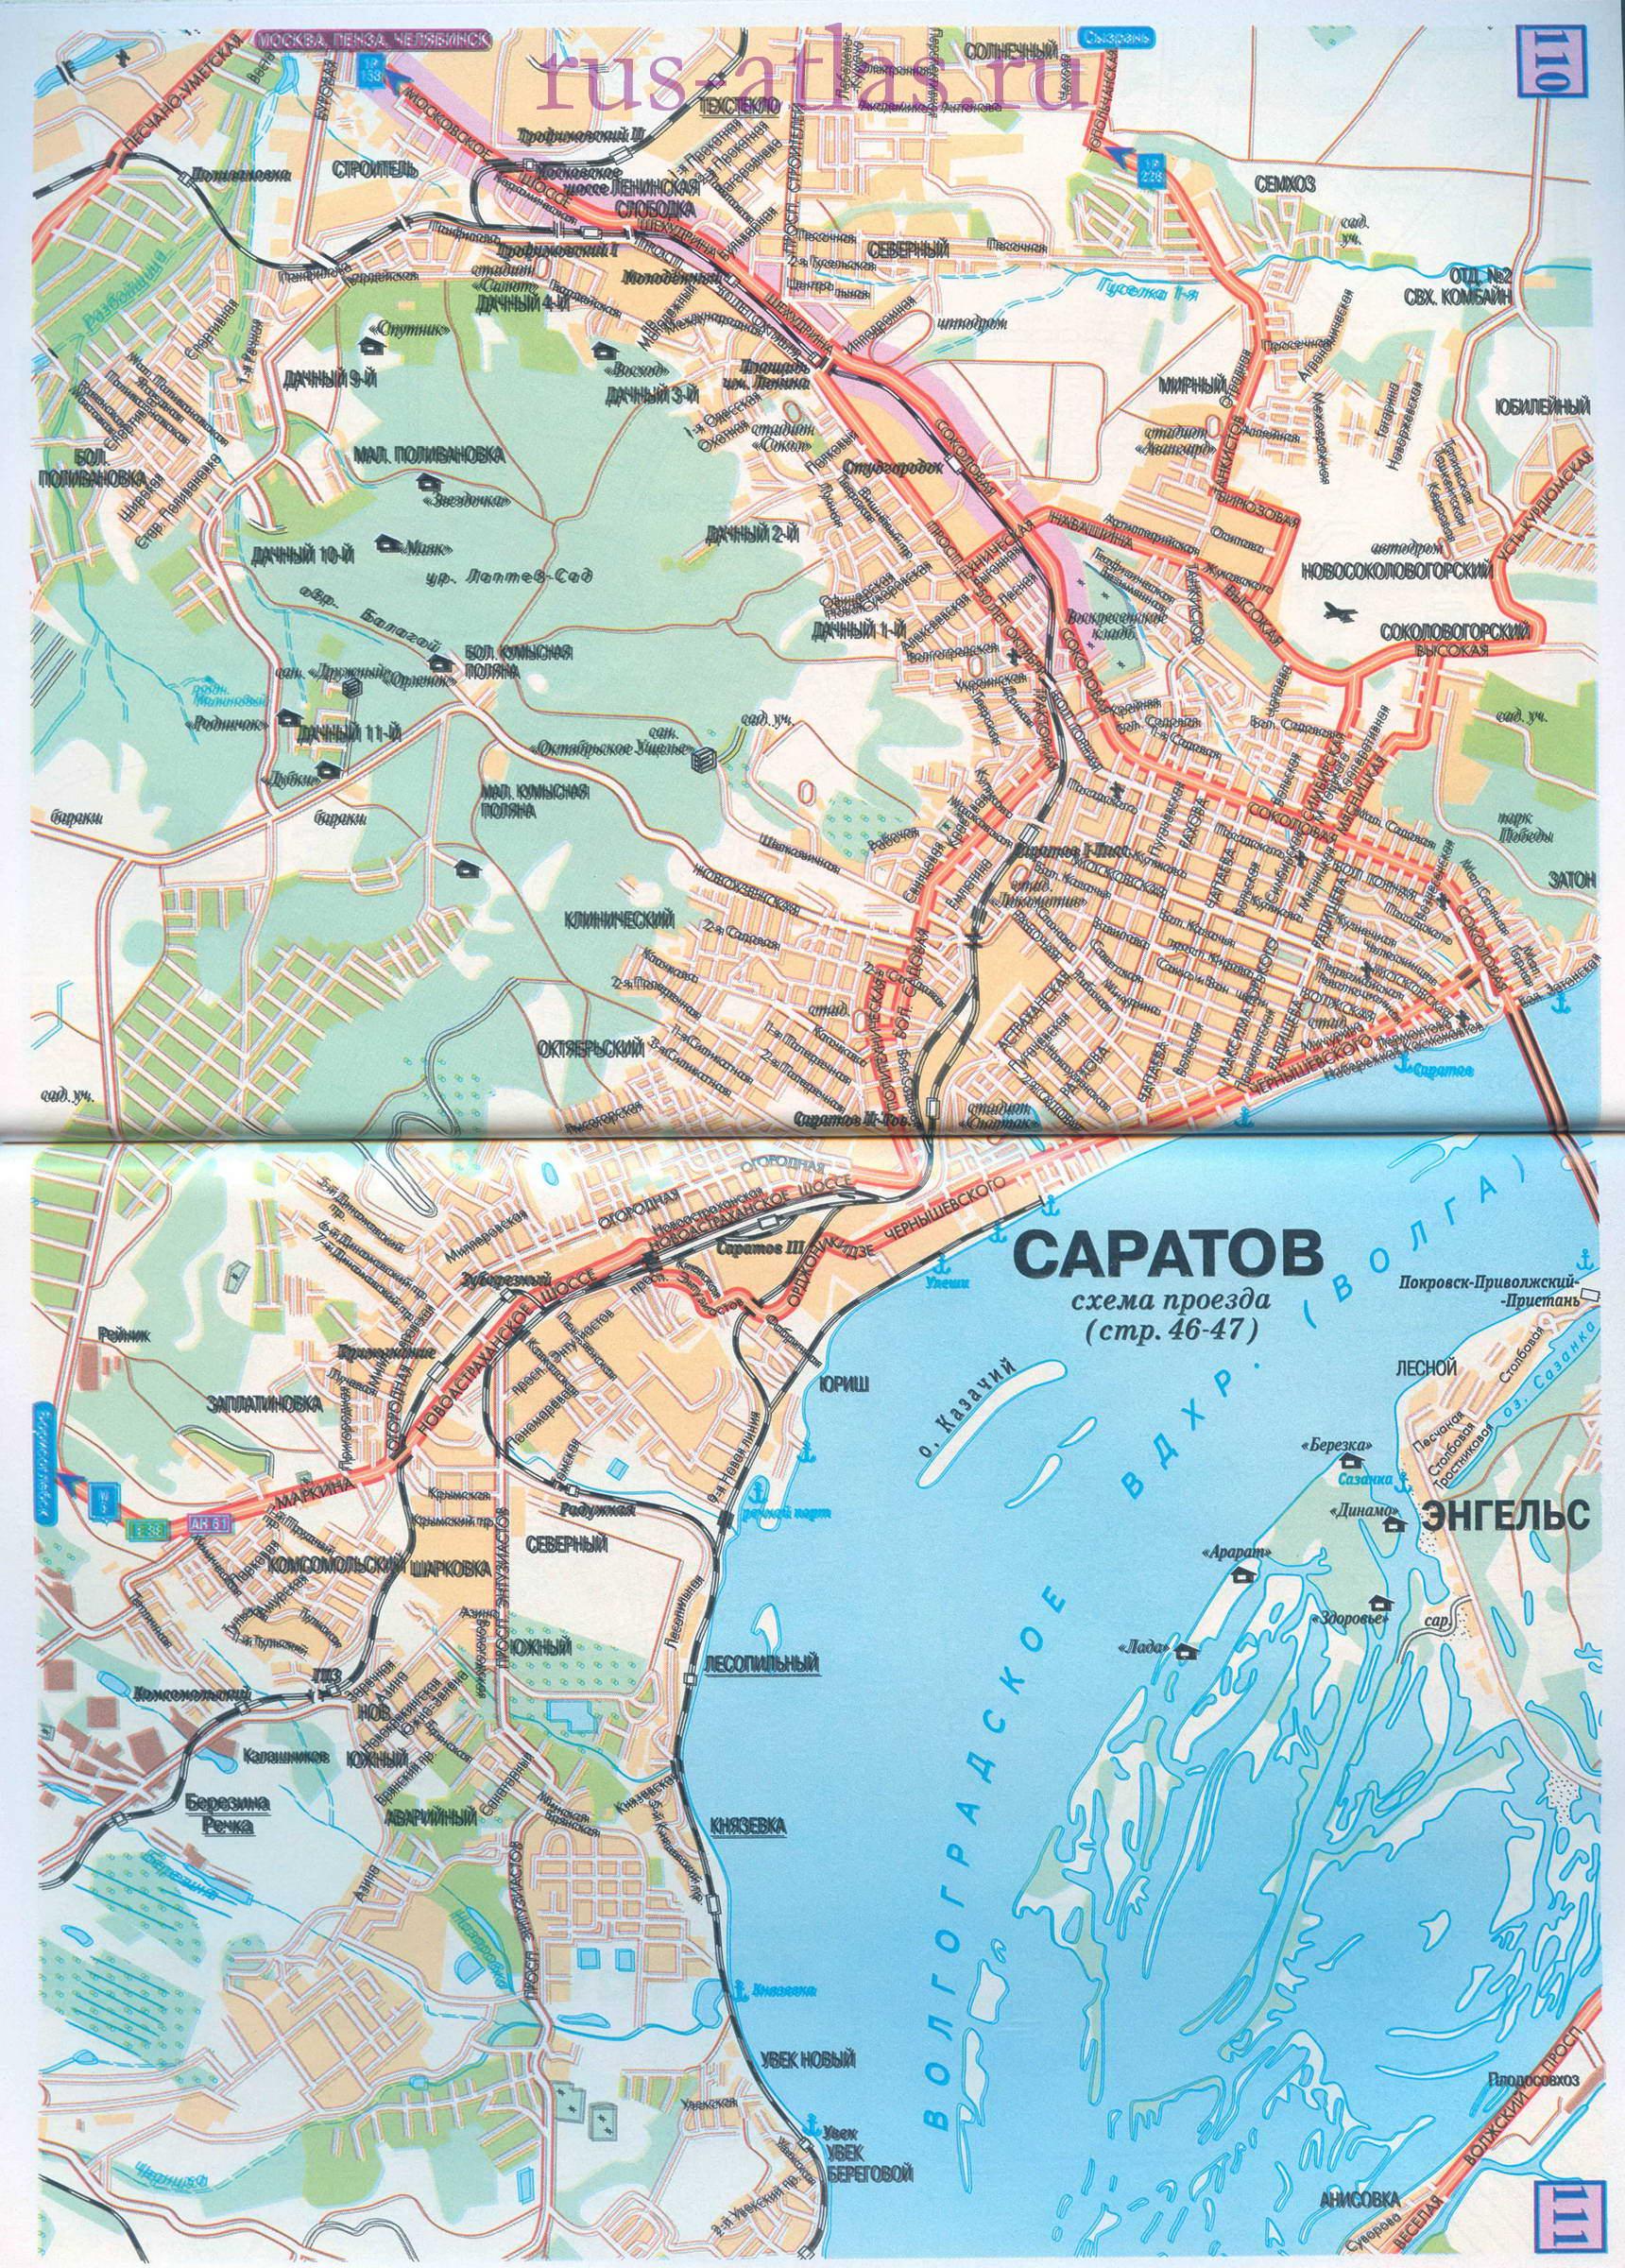 Подробная карта города Саратов с названиями улиц и схемой проезда автомобильного транспорта .